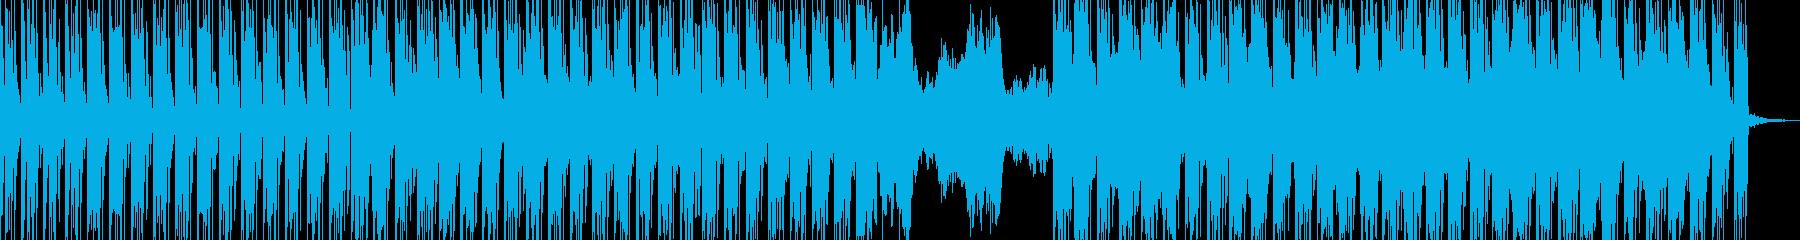 実験的 未来の技術 悲観的 スリラ...の再生済みの波形